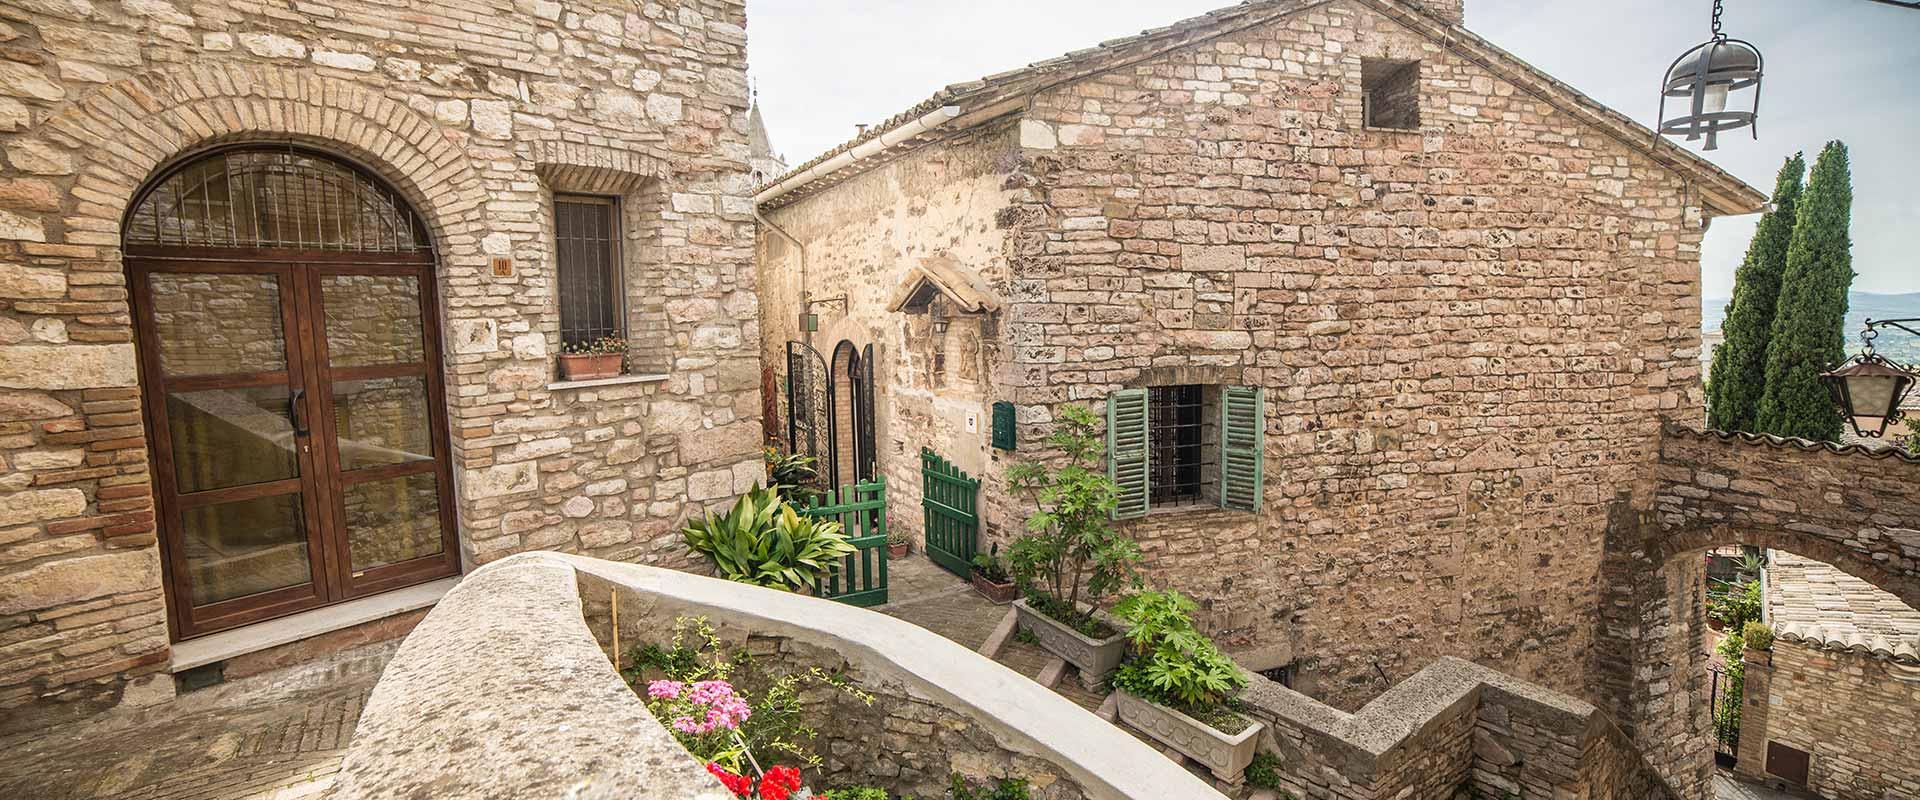 La Viola B&B Assisi - Camere nel centro di Assisi